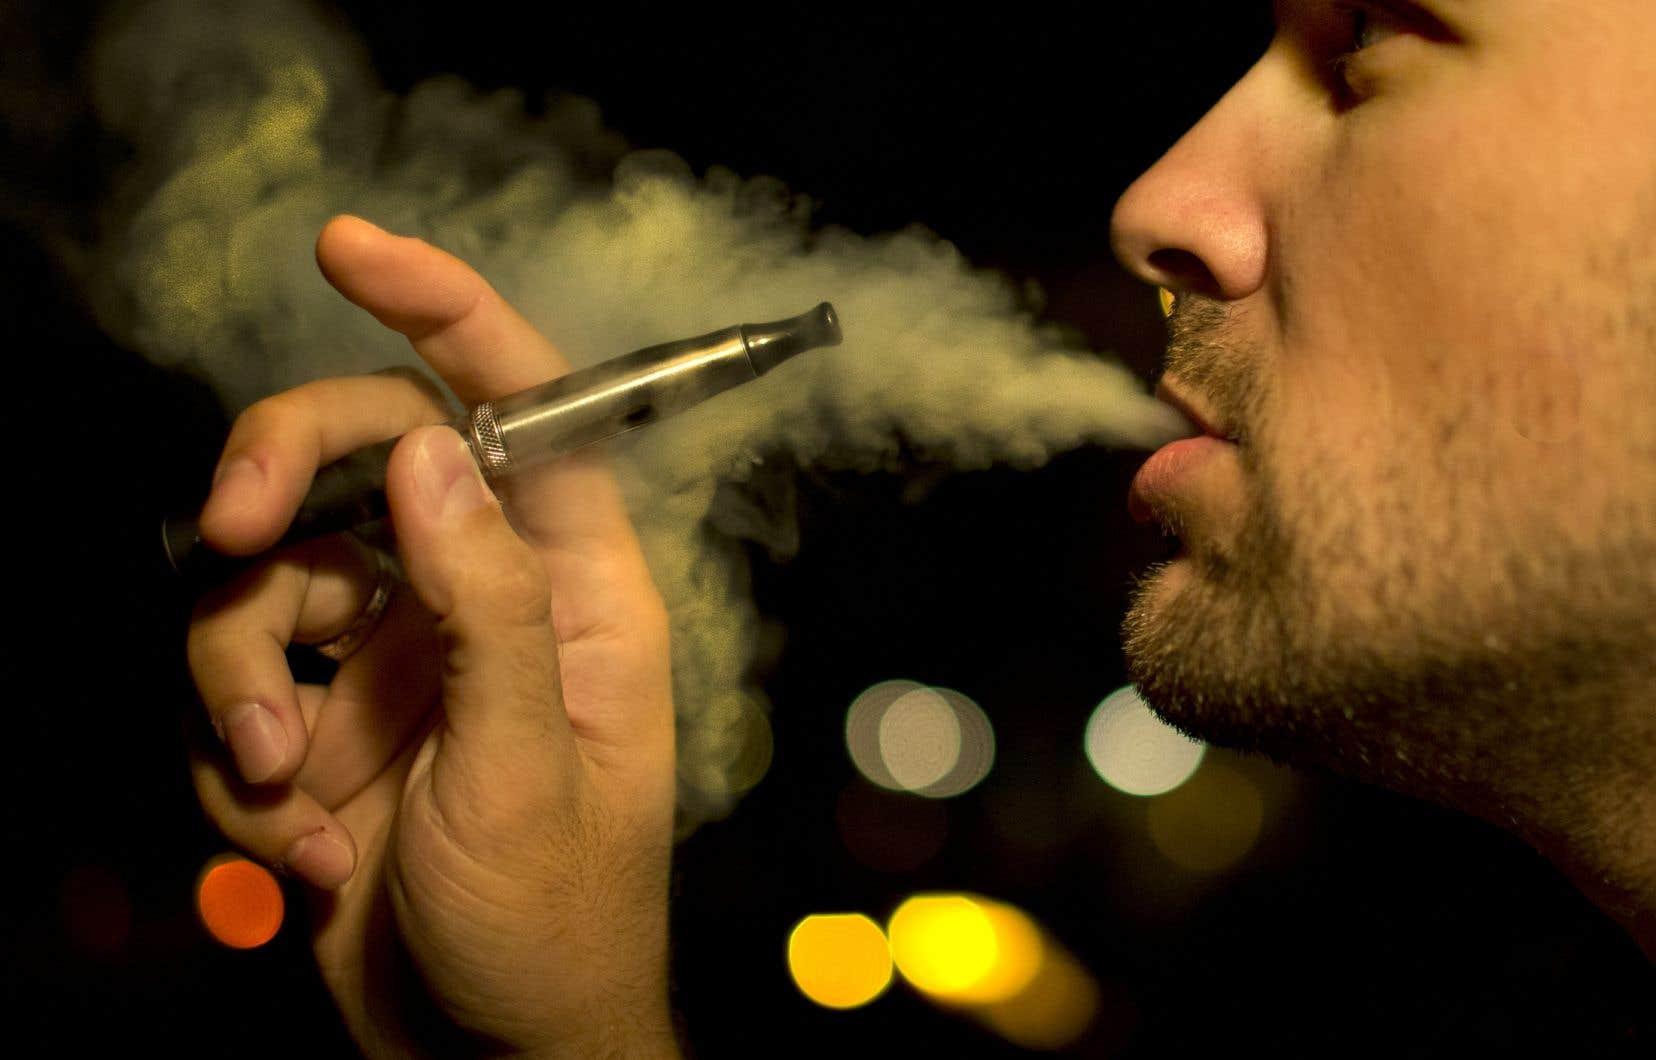 Une meilleure régulation sur la vente de la cigarette électronique permettrait de mieux cibler la portée d'un tel produit, selon un chercheur.